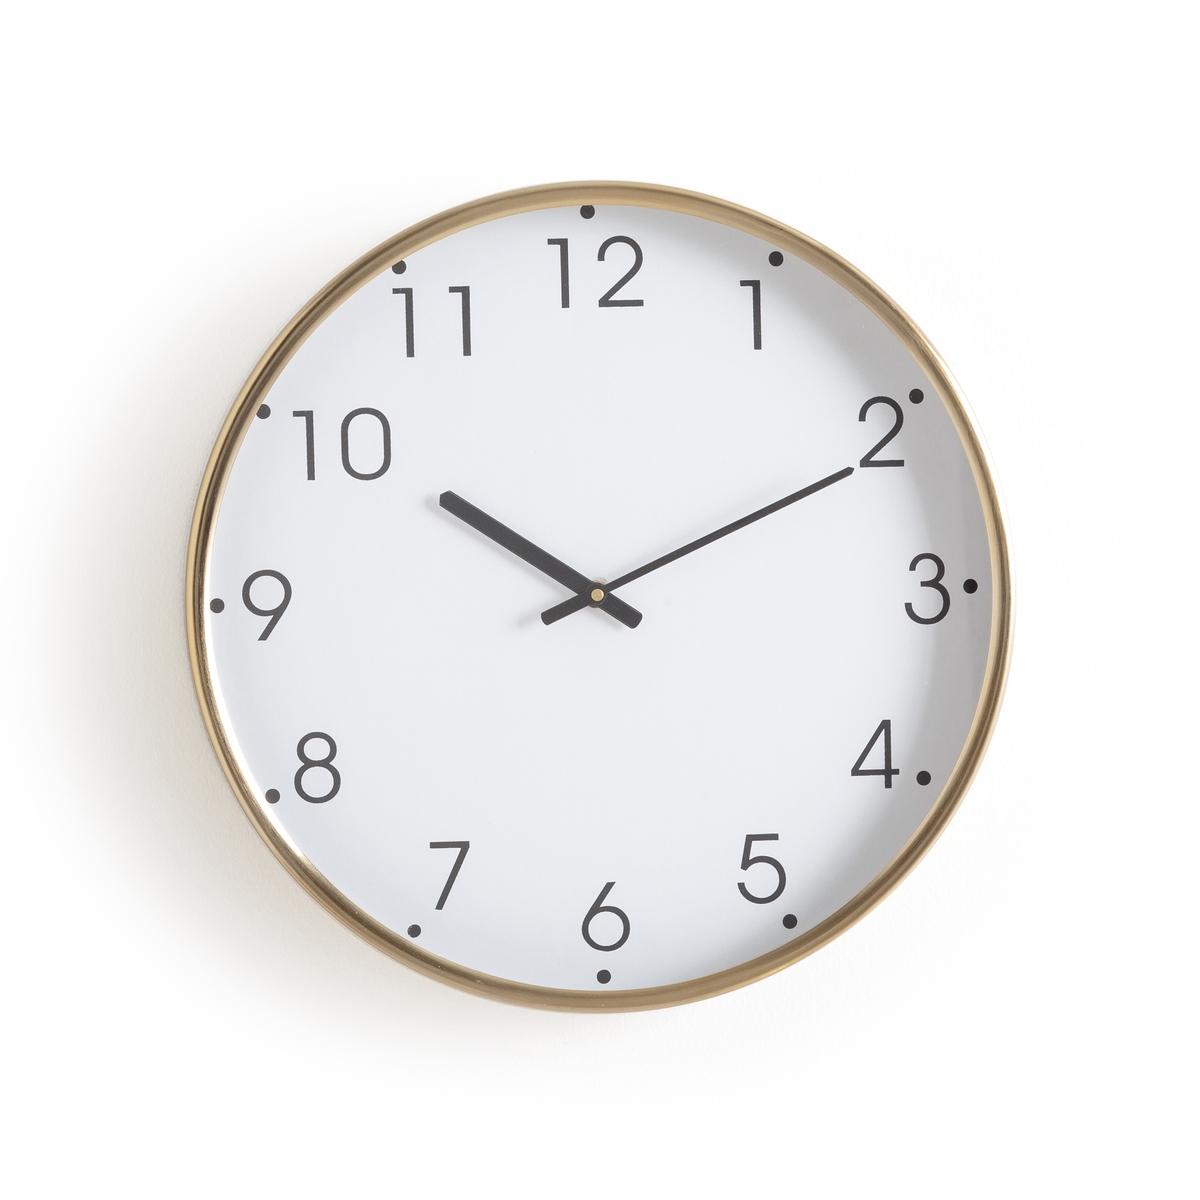 Часы настенные с отделкой под латунь Nattat бра из черного металла и металла с отделкой под латунь elori